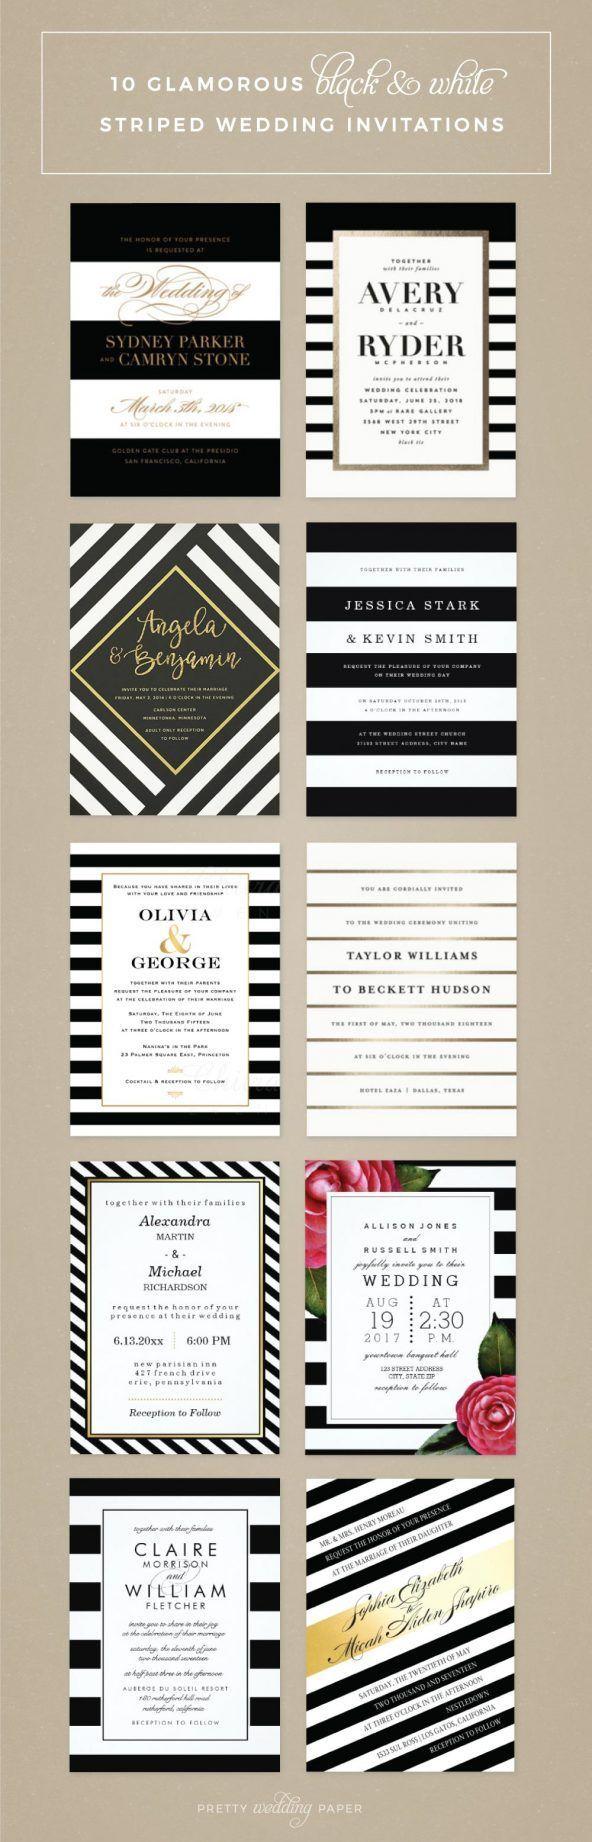 Photo of Top 10 der glamourösesten schwarz-weiß gestreiften Hochzeitseinladungen …